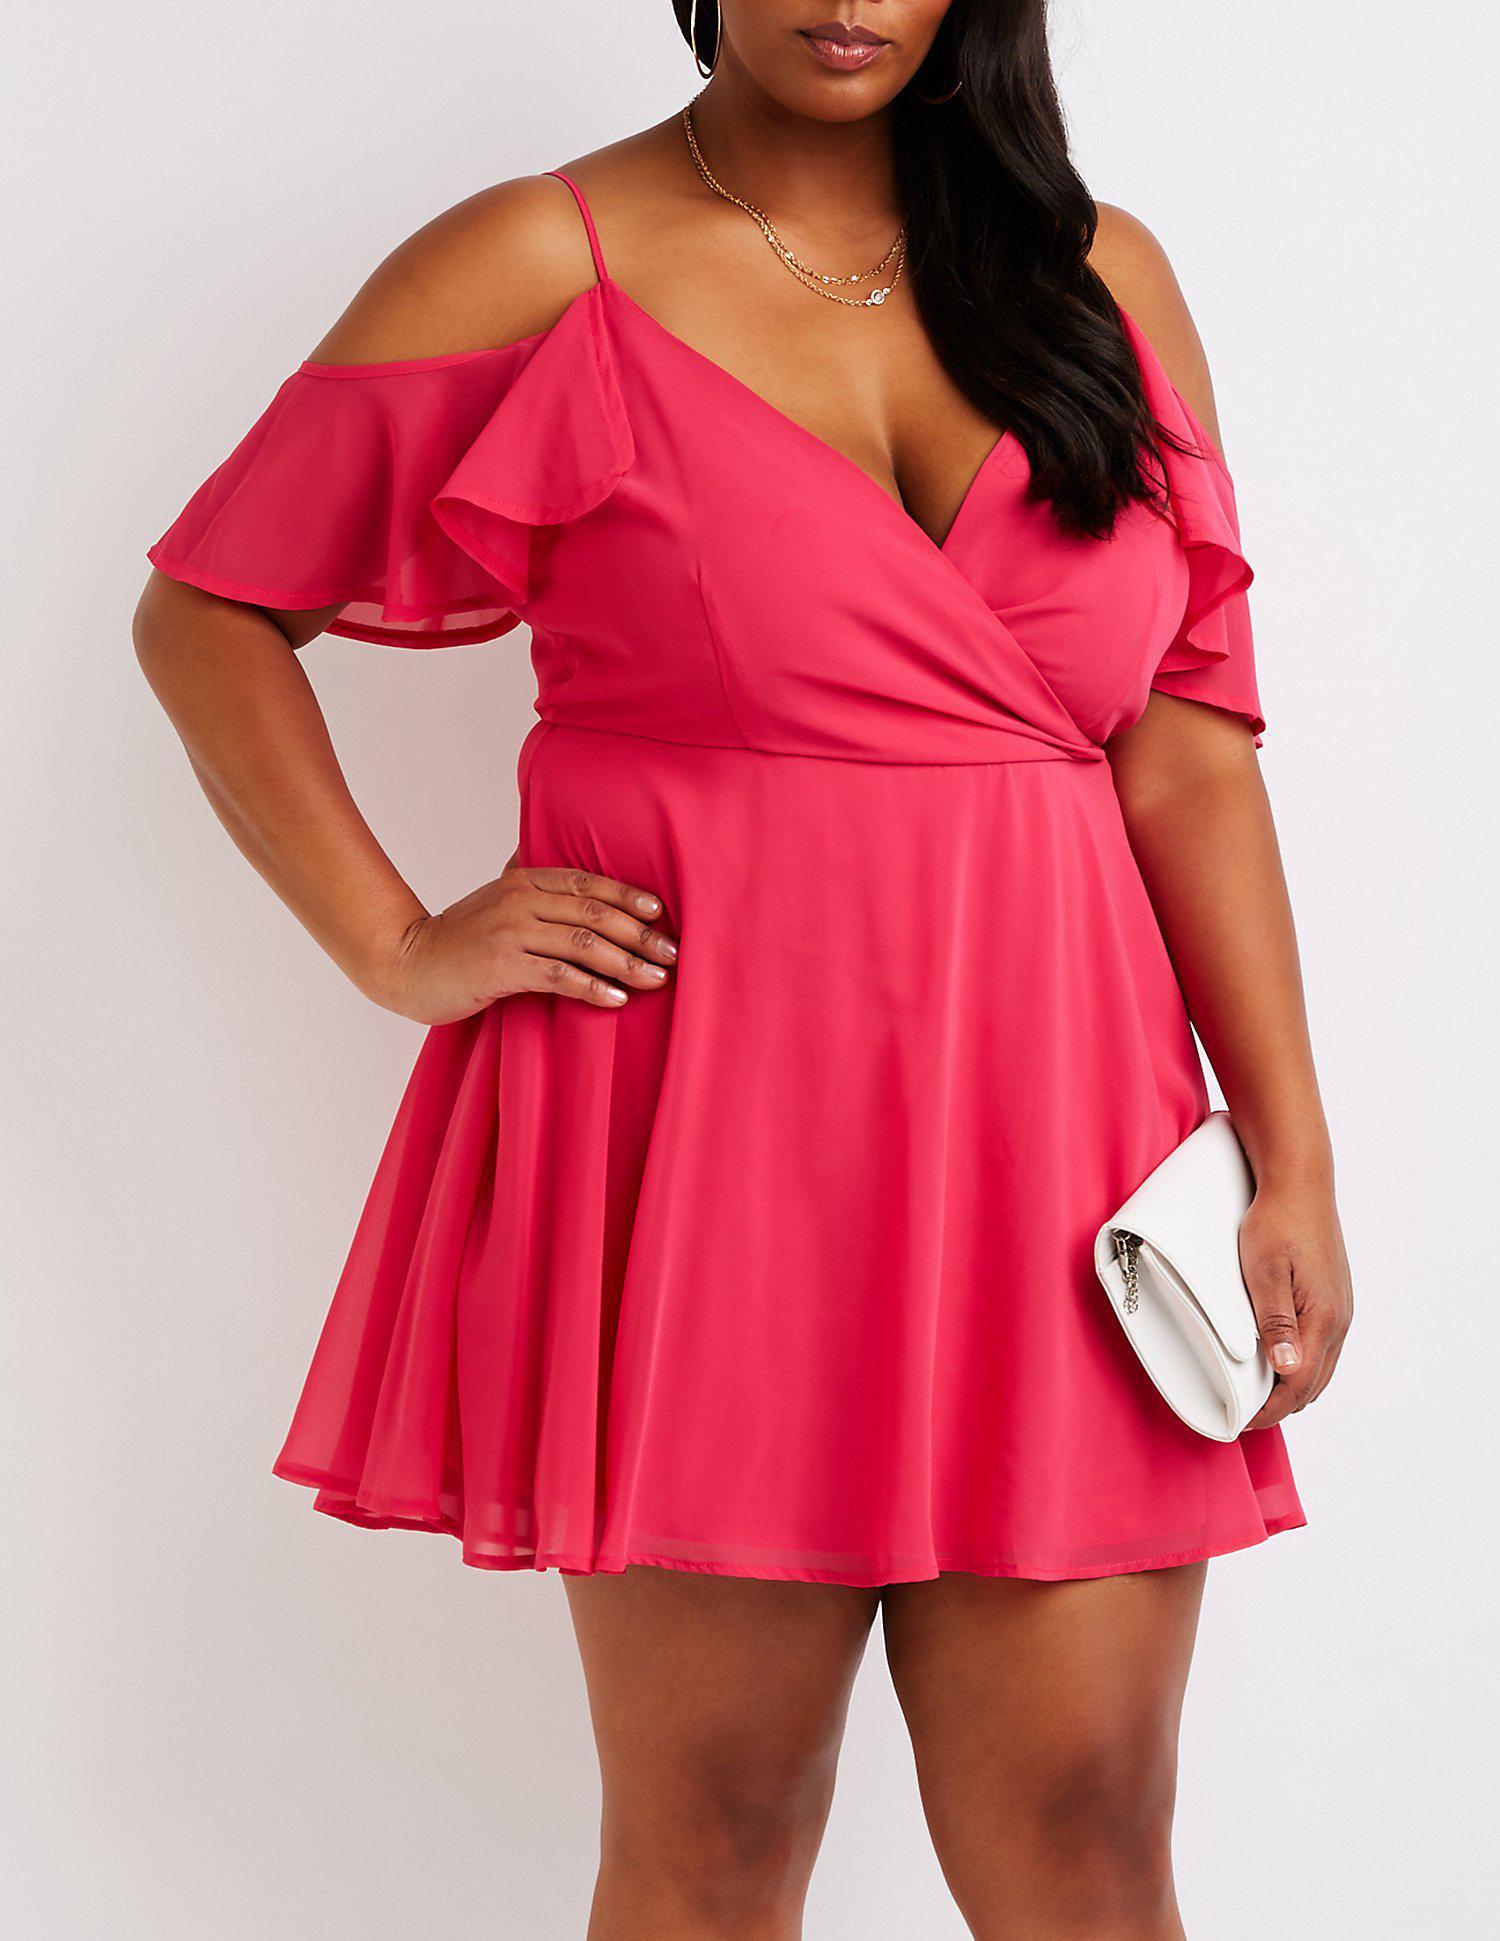 85af1de9827 Lyst - Charlotte Russe Plus Size Cold Shoulder Skater Dress in Pink